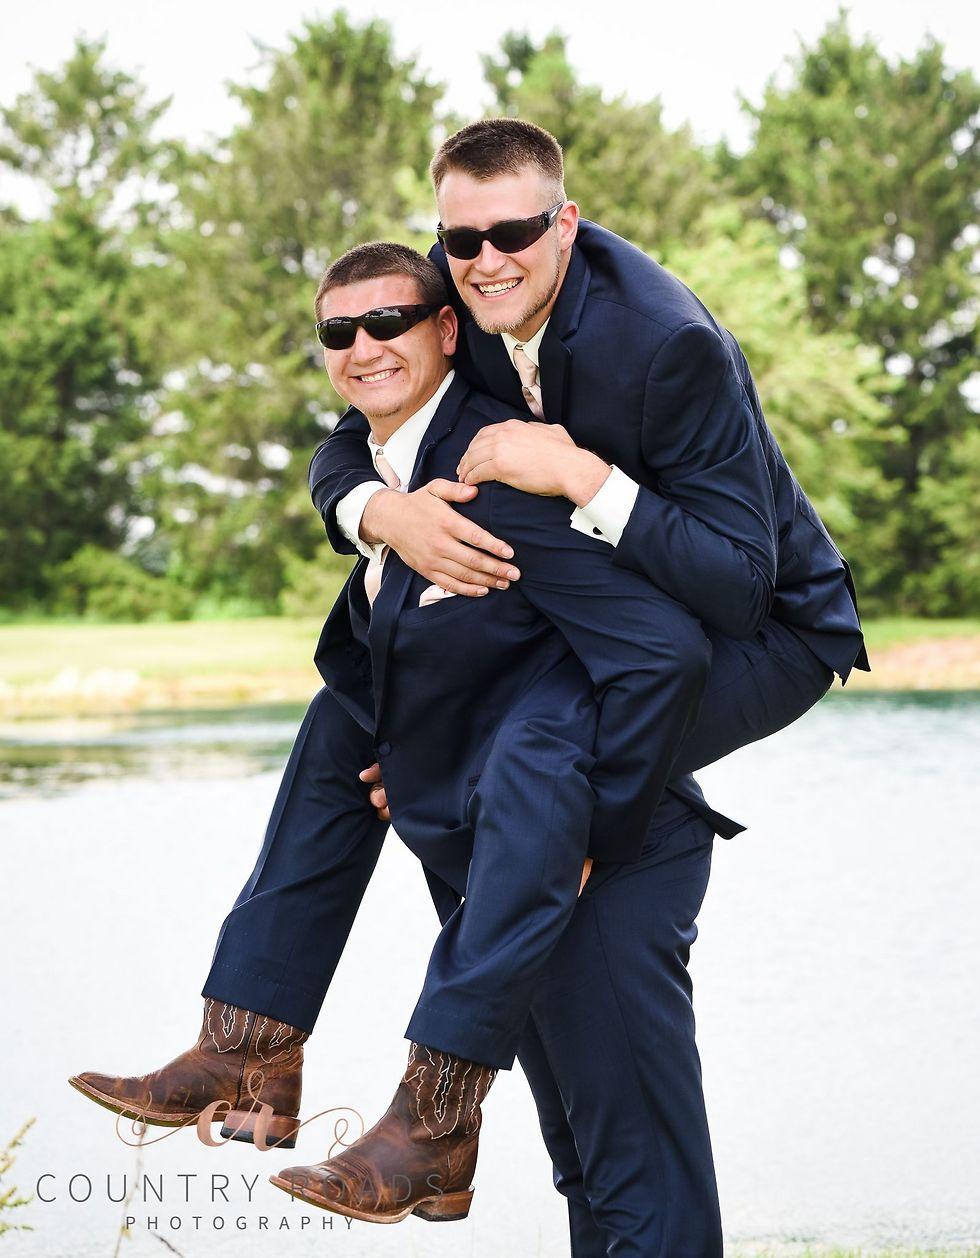 החברים הכי טובים (צילום: LINDSEY BERGER WITH COUNTRY ROADS PHOTOGRAPHY)